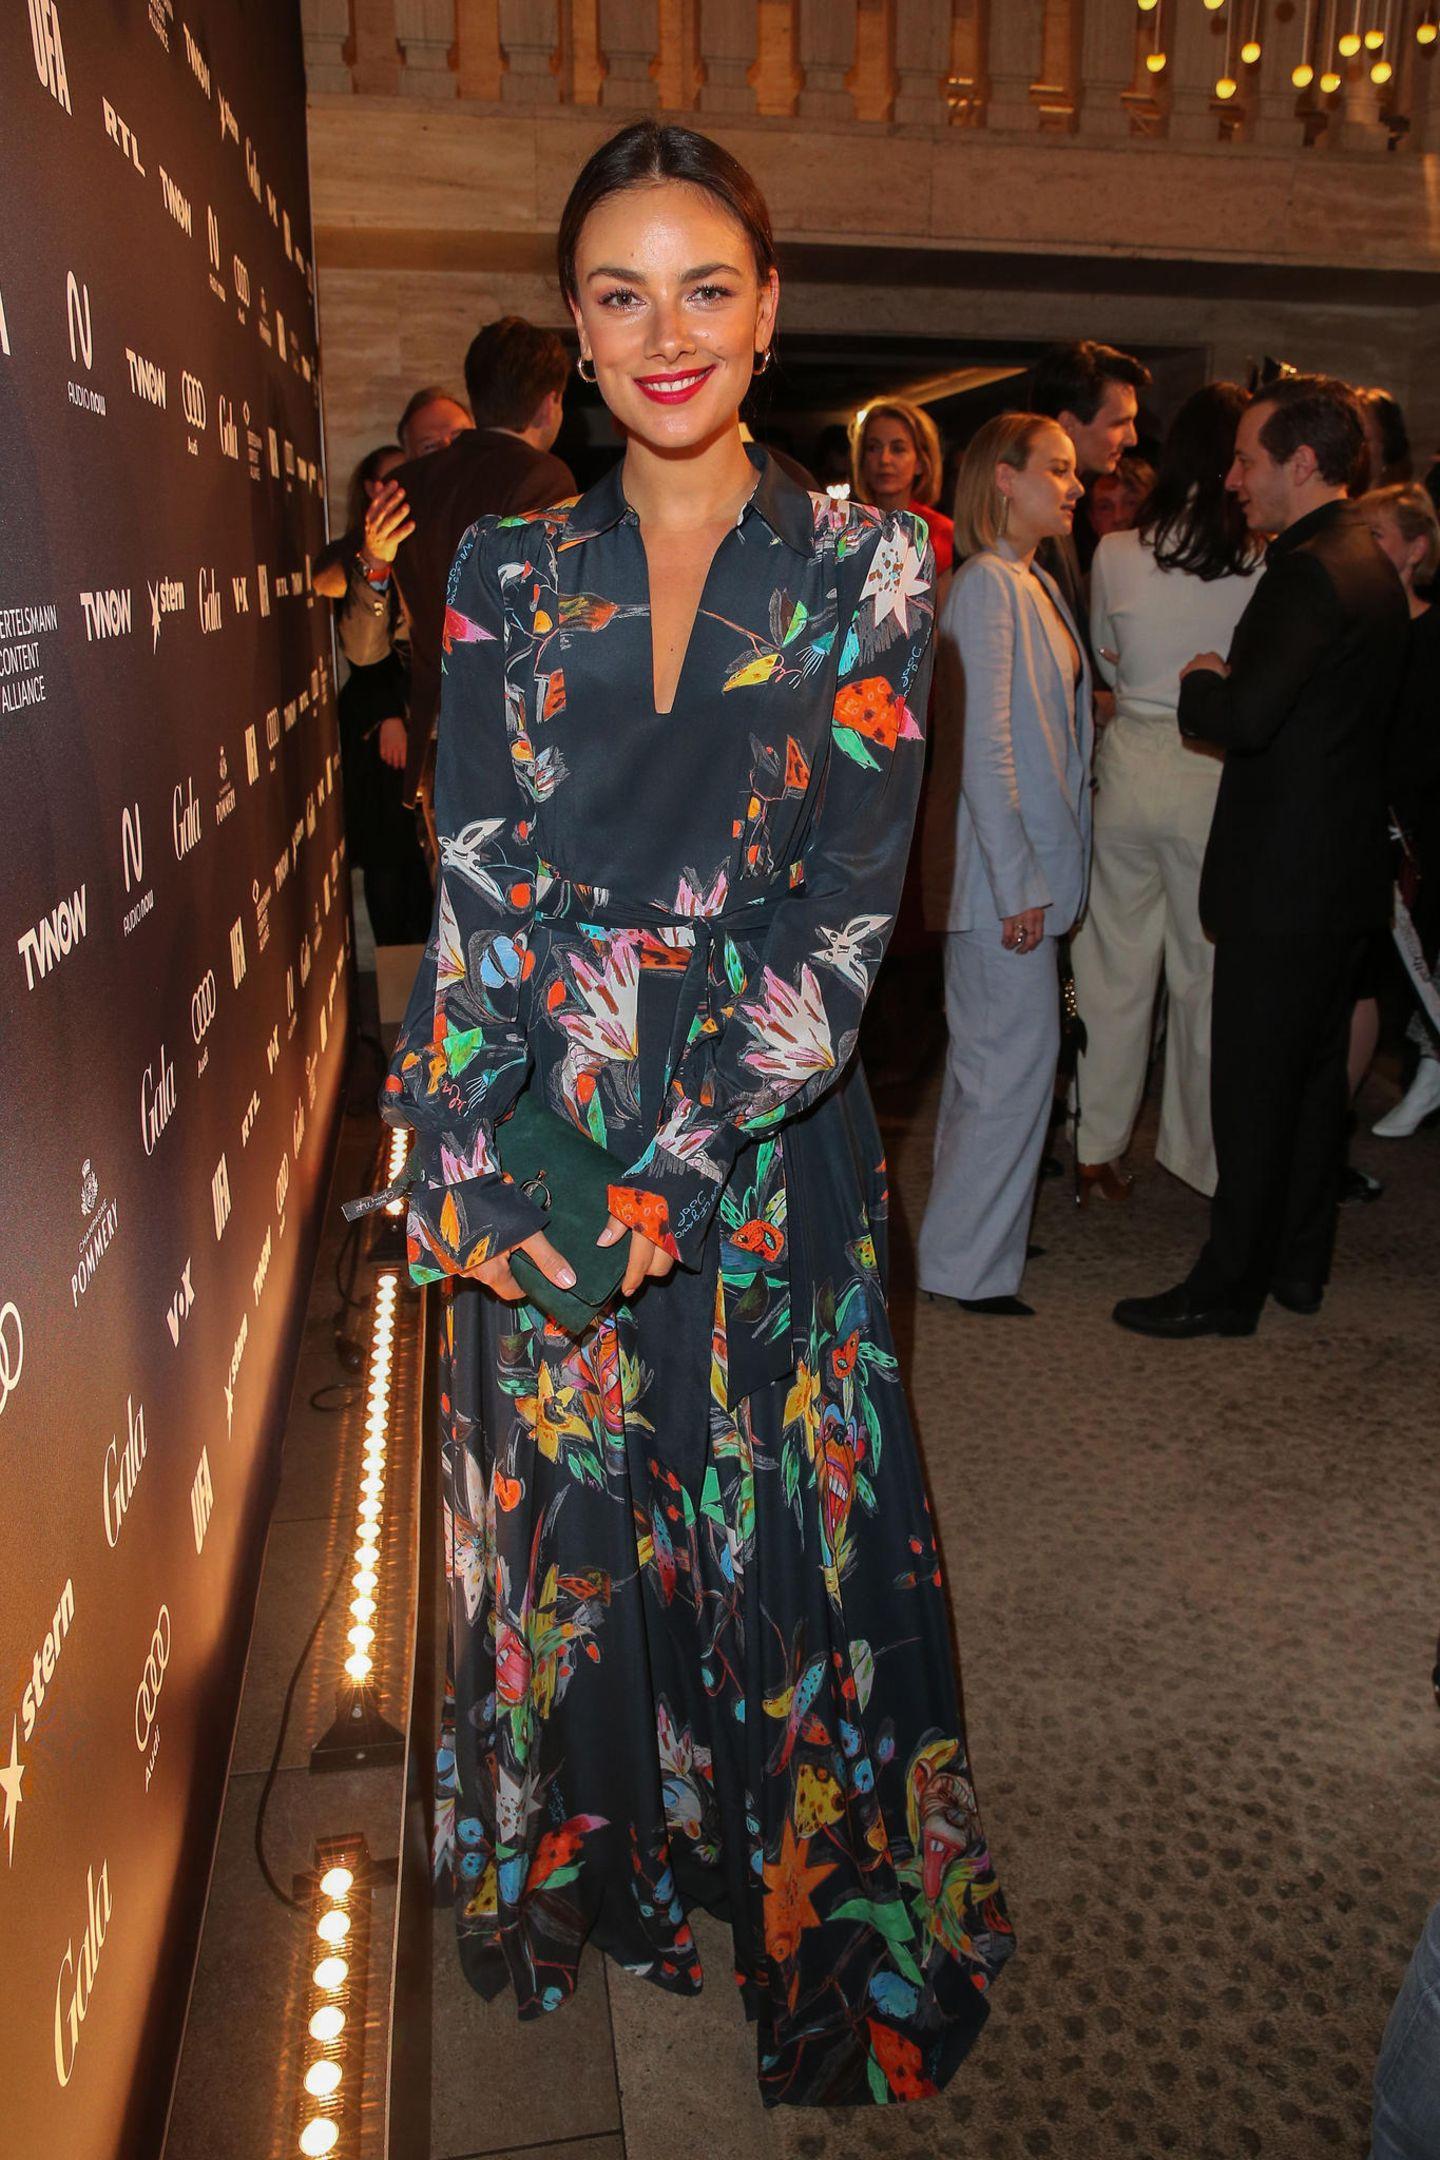 """Janina Uhse strahlt bei der """"Berlinale Opening Night"""" im leichten floralem Kleid. Die roten Lippen passen perfekt zum Outfit."""